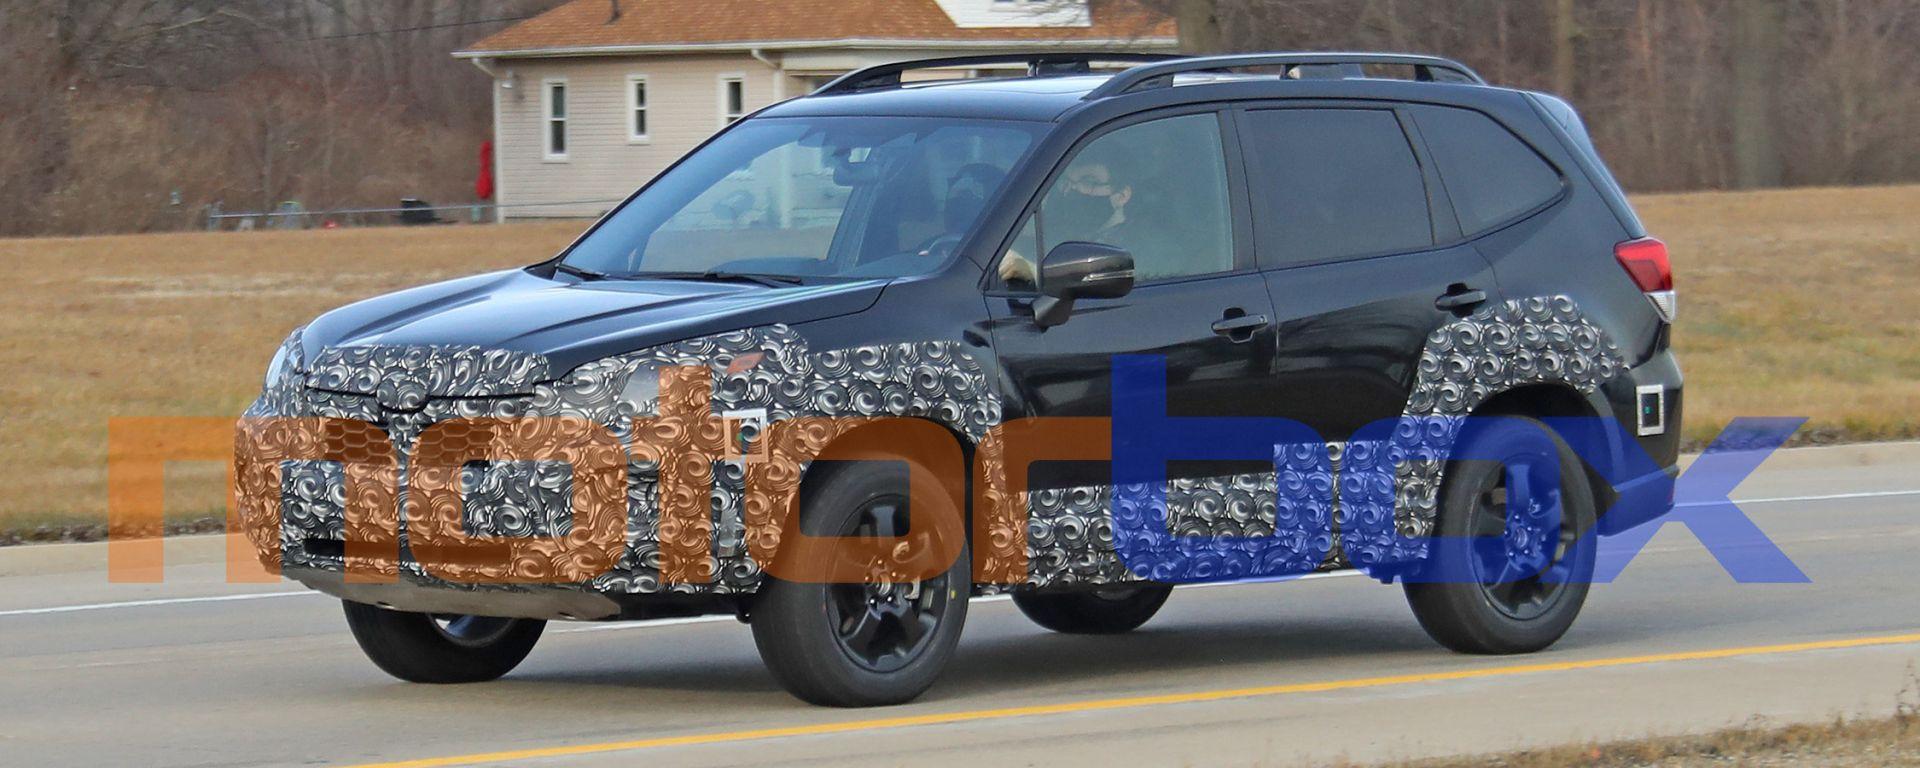 Subaru Forester 2021: visuale di 3/4